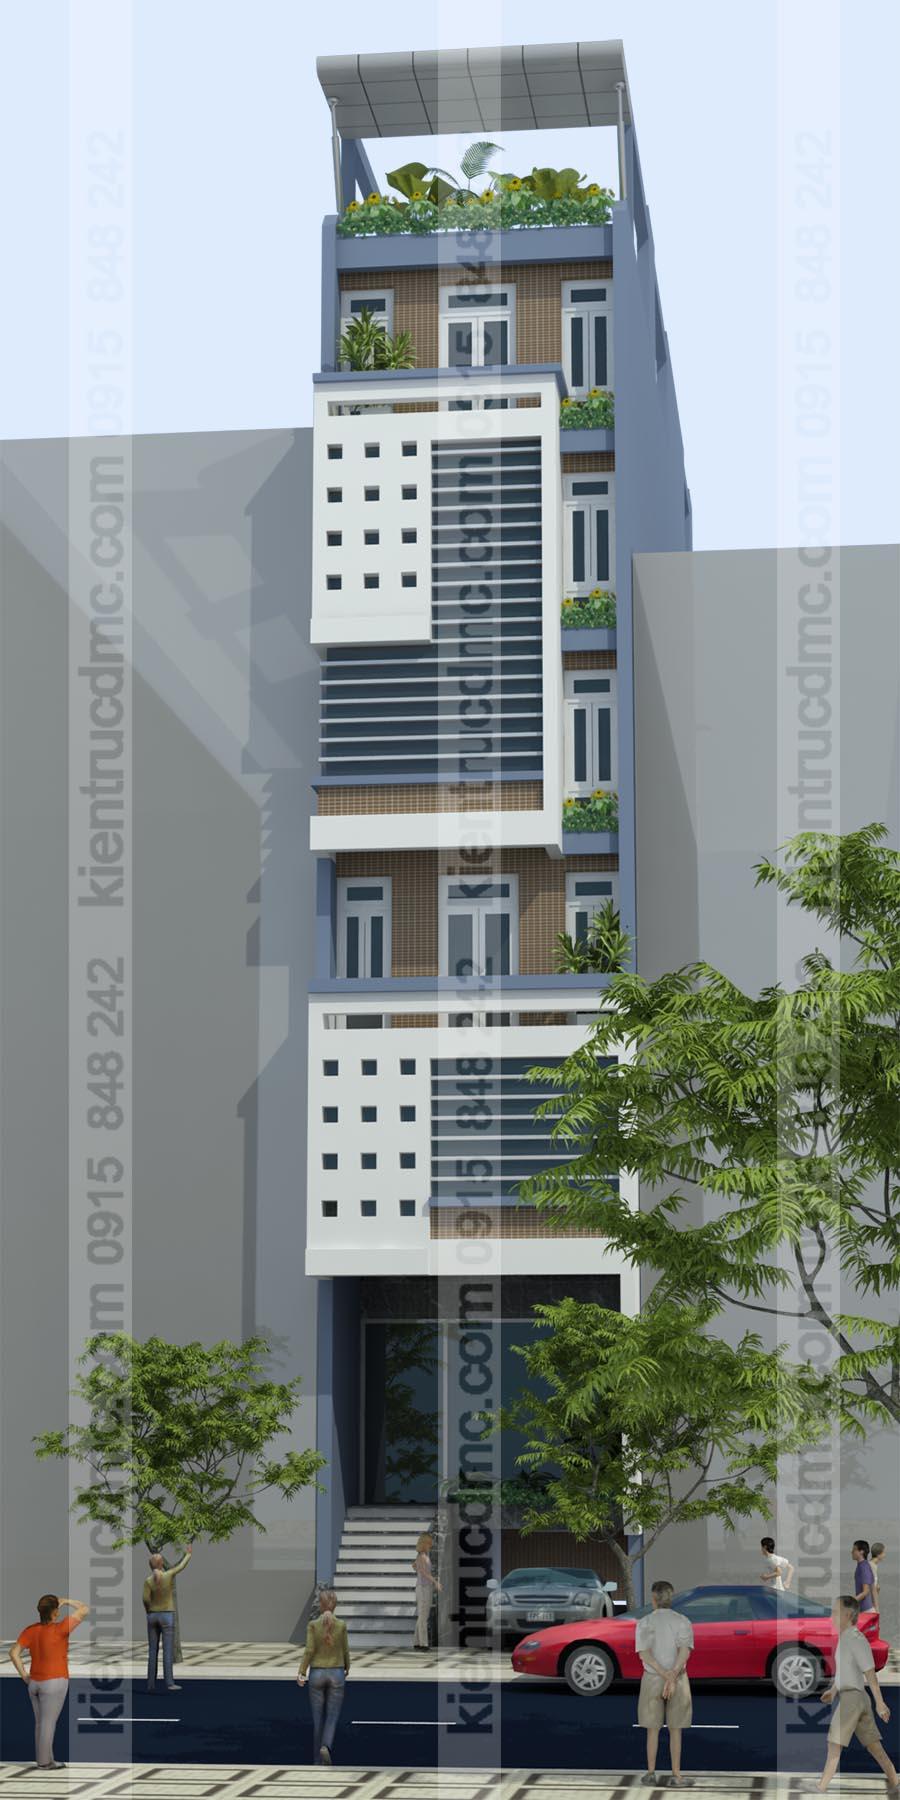 Phối cảnh mặt trước nhà ống hiện đại 7 tầng